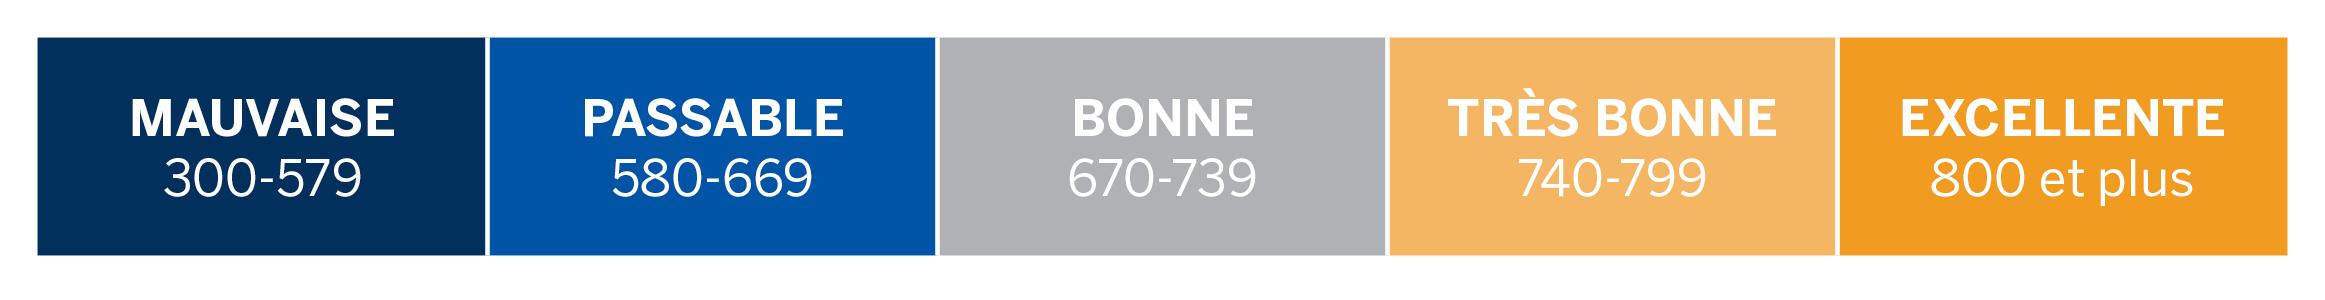 Mauvaise 300-579; Passable 580-669; Bonne 670-739; Très bonne 740-799; Excellent 800 et plus